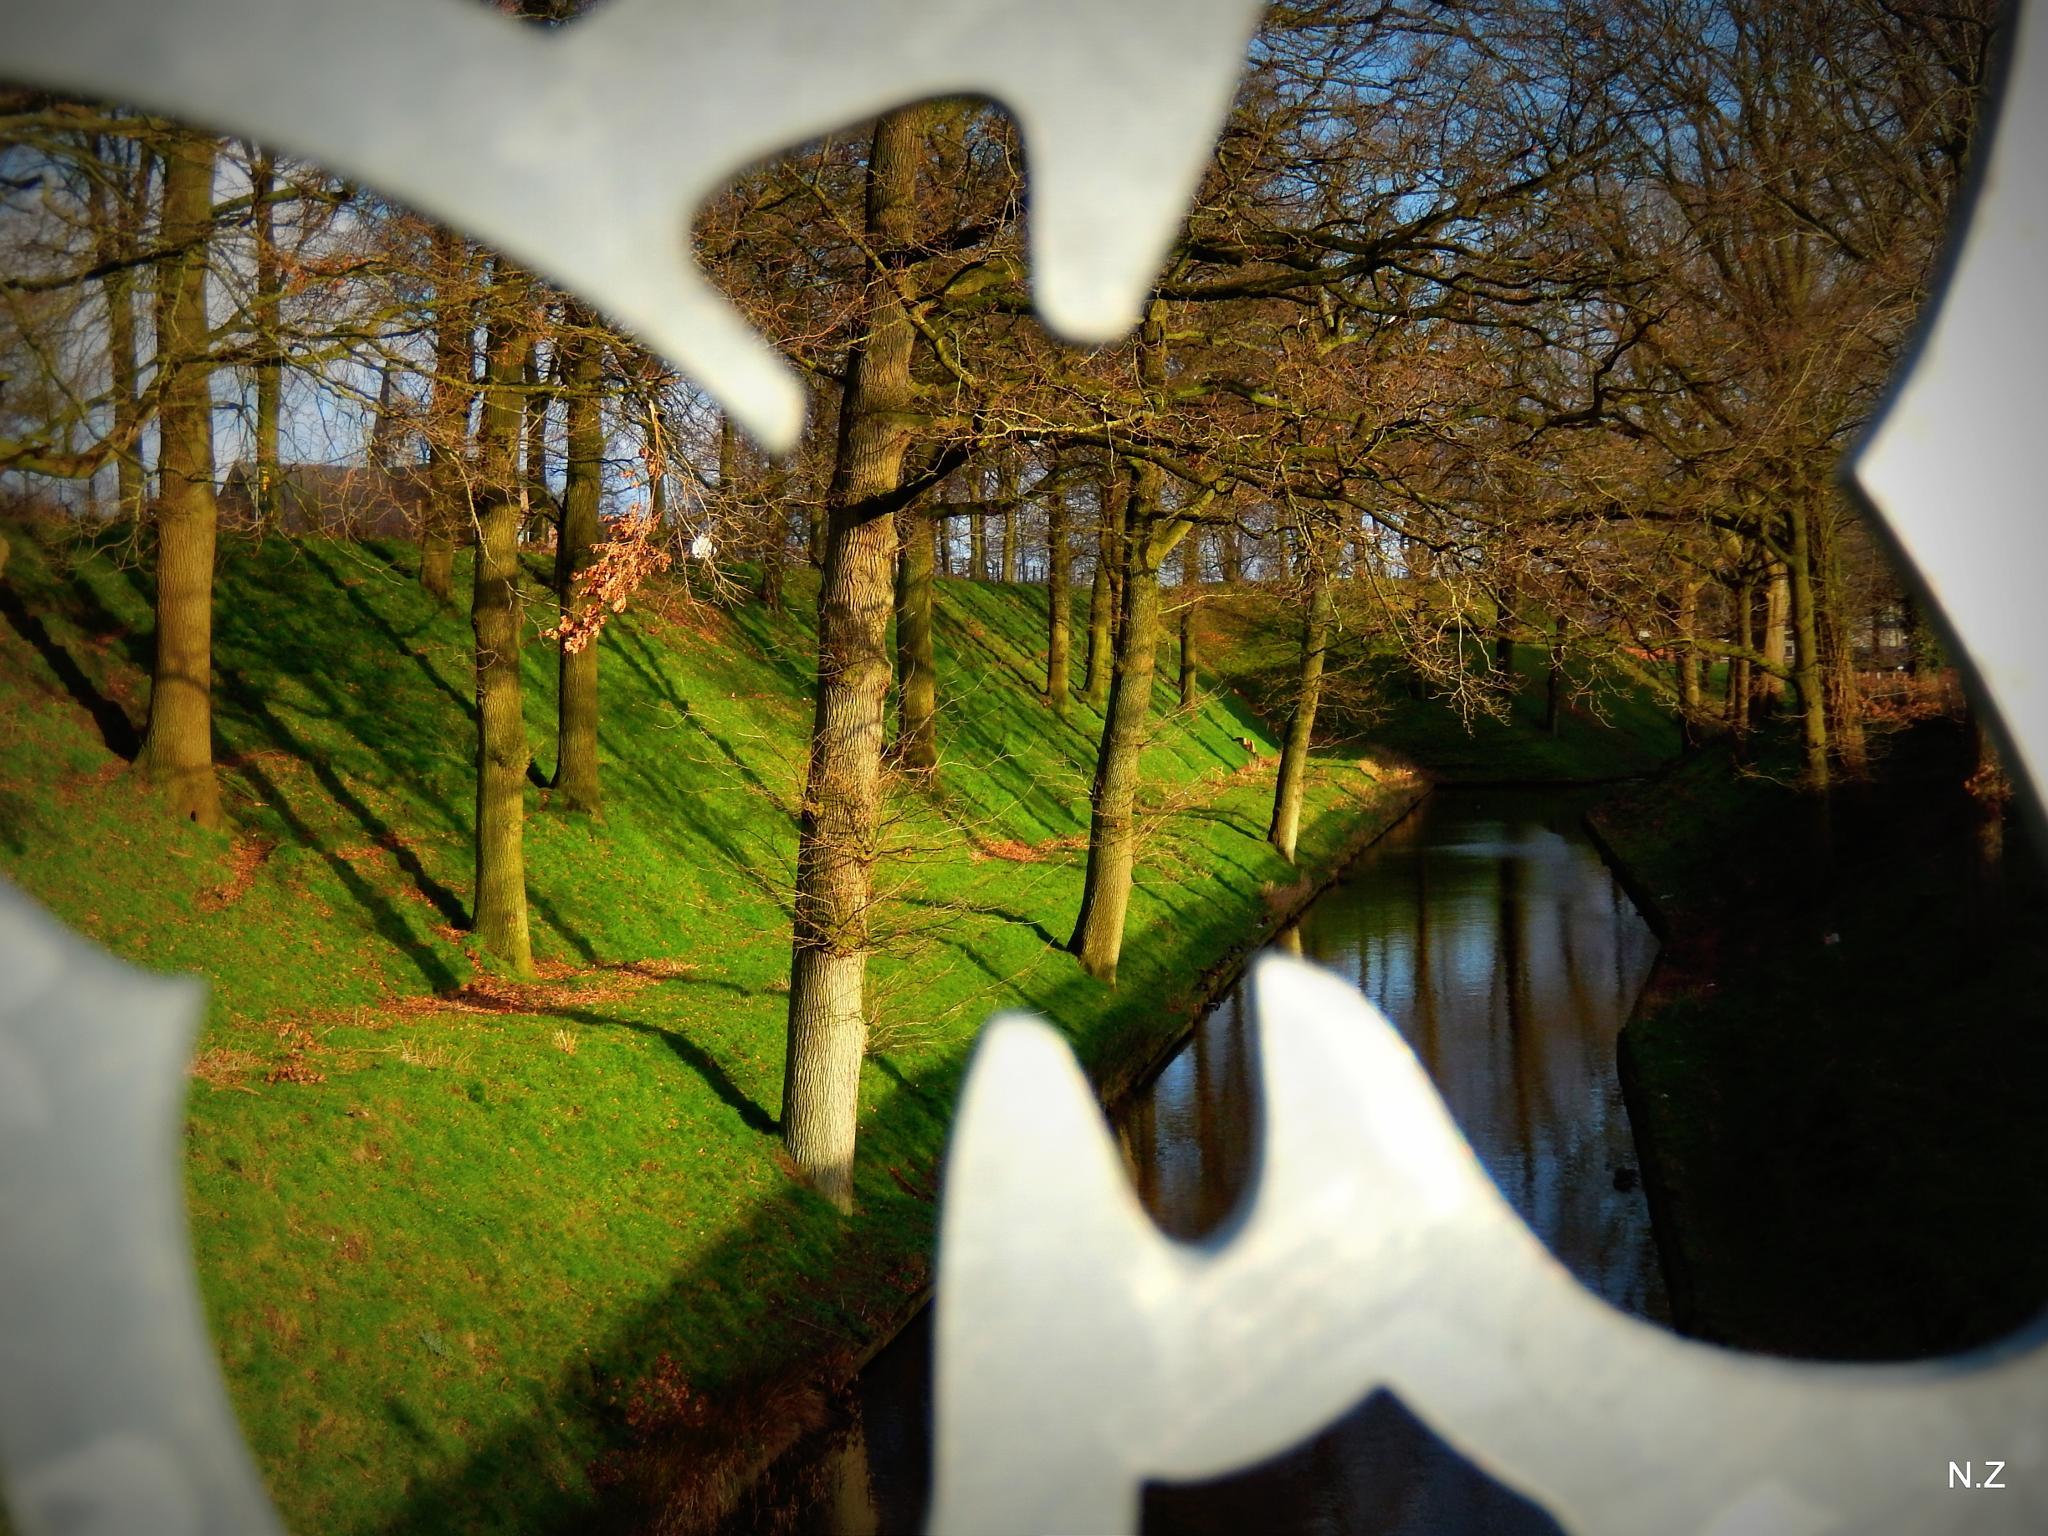 strange butterfly by Nancy Zuiderwijk